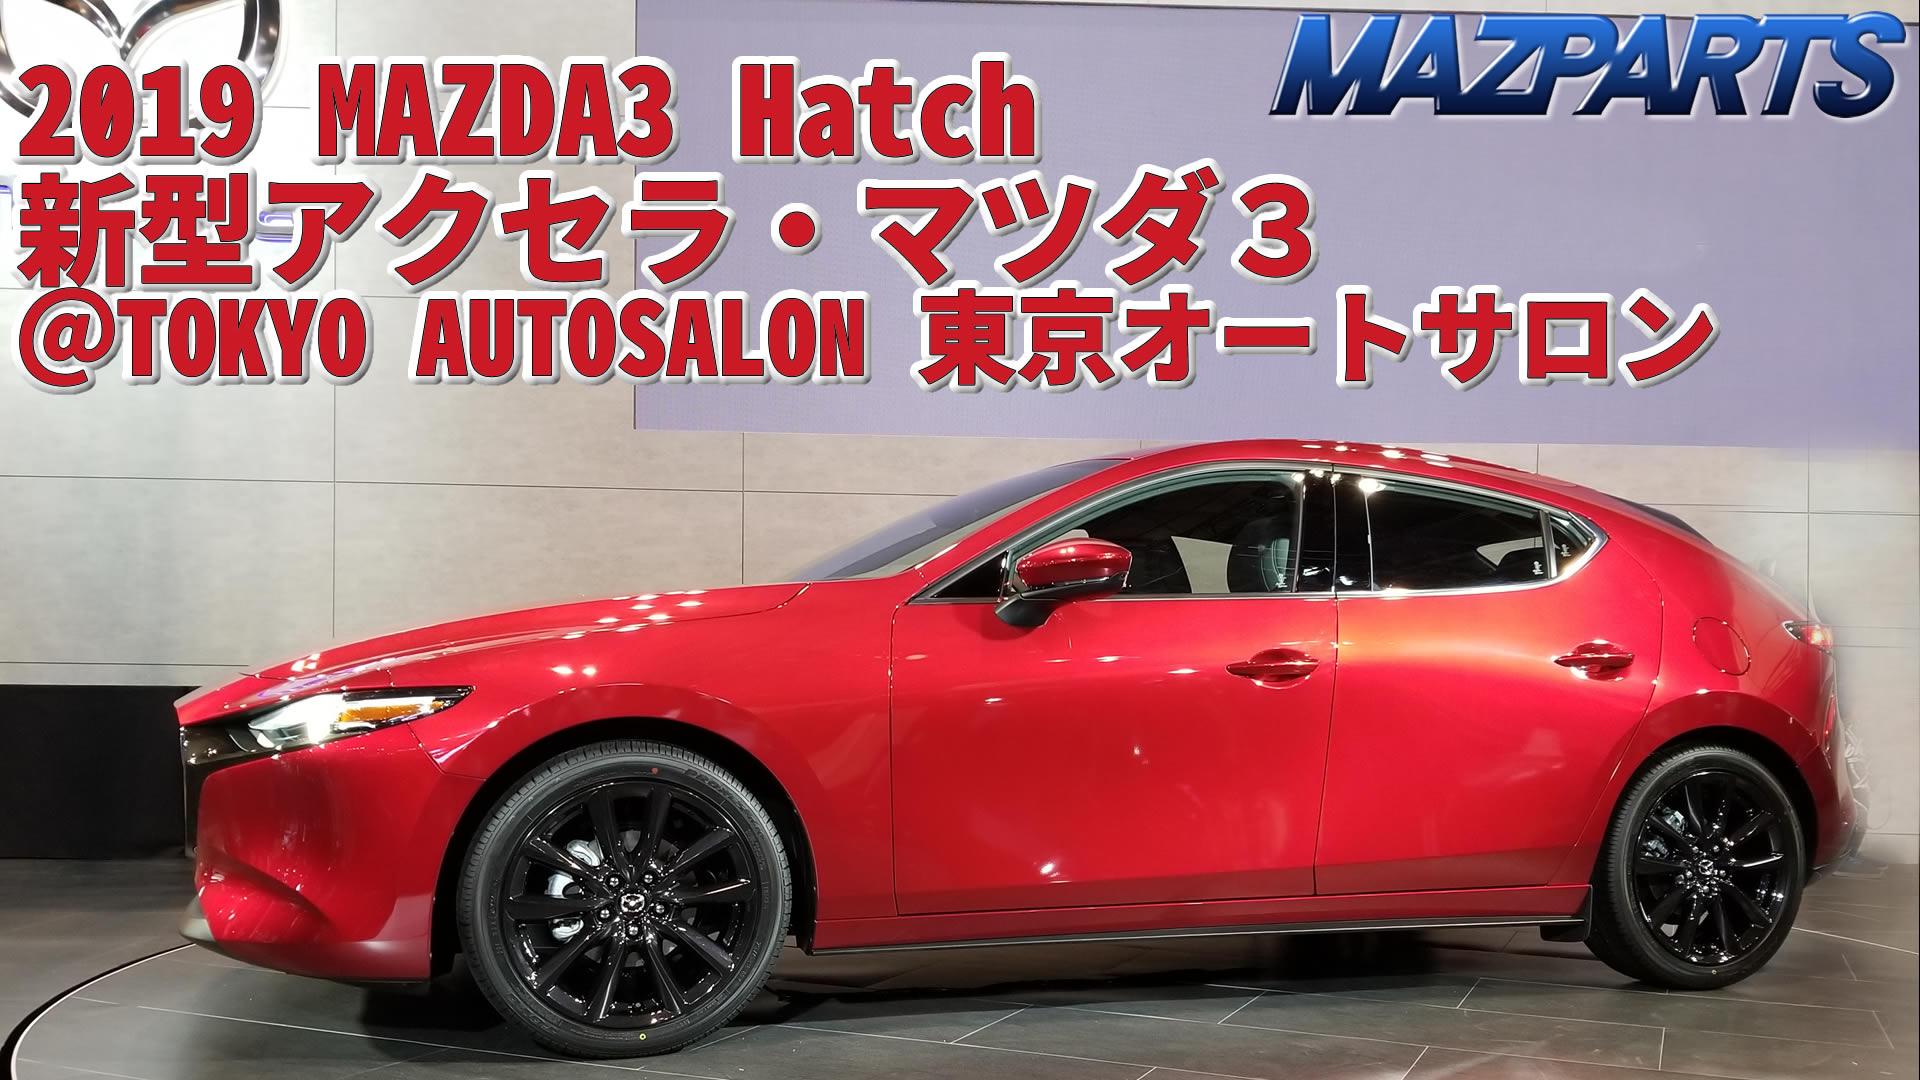 オートサロンで新型アクセラ・マツダ3/MAZDA3 Hatch 2019を見てきたよ(くるくる回るアクセラのHD動画あり)